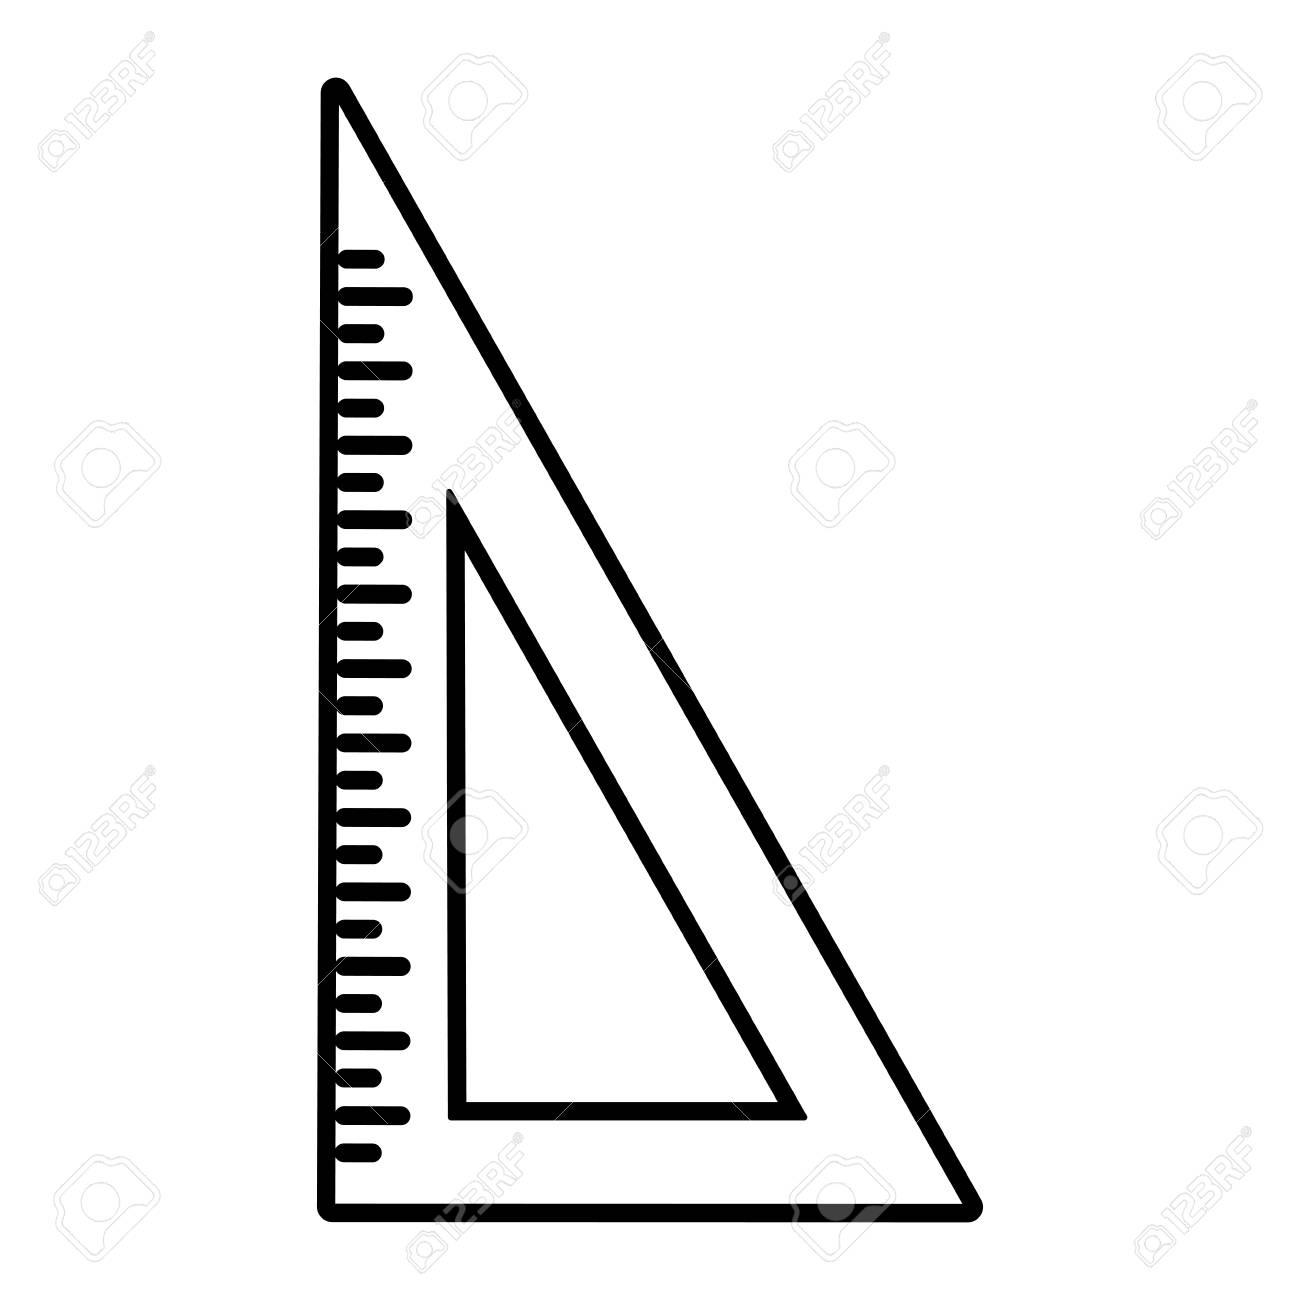 三角定規アイコン画像ベクトル イラスト デザインのイラスト素材ベクタ